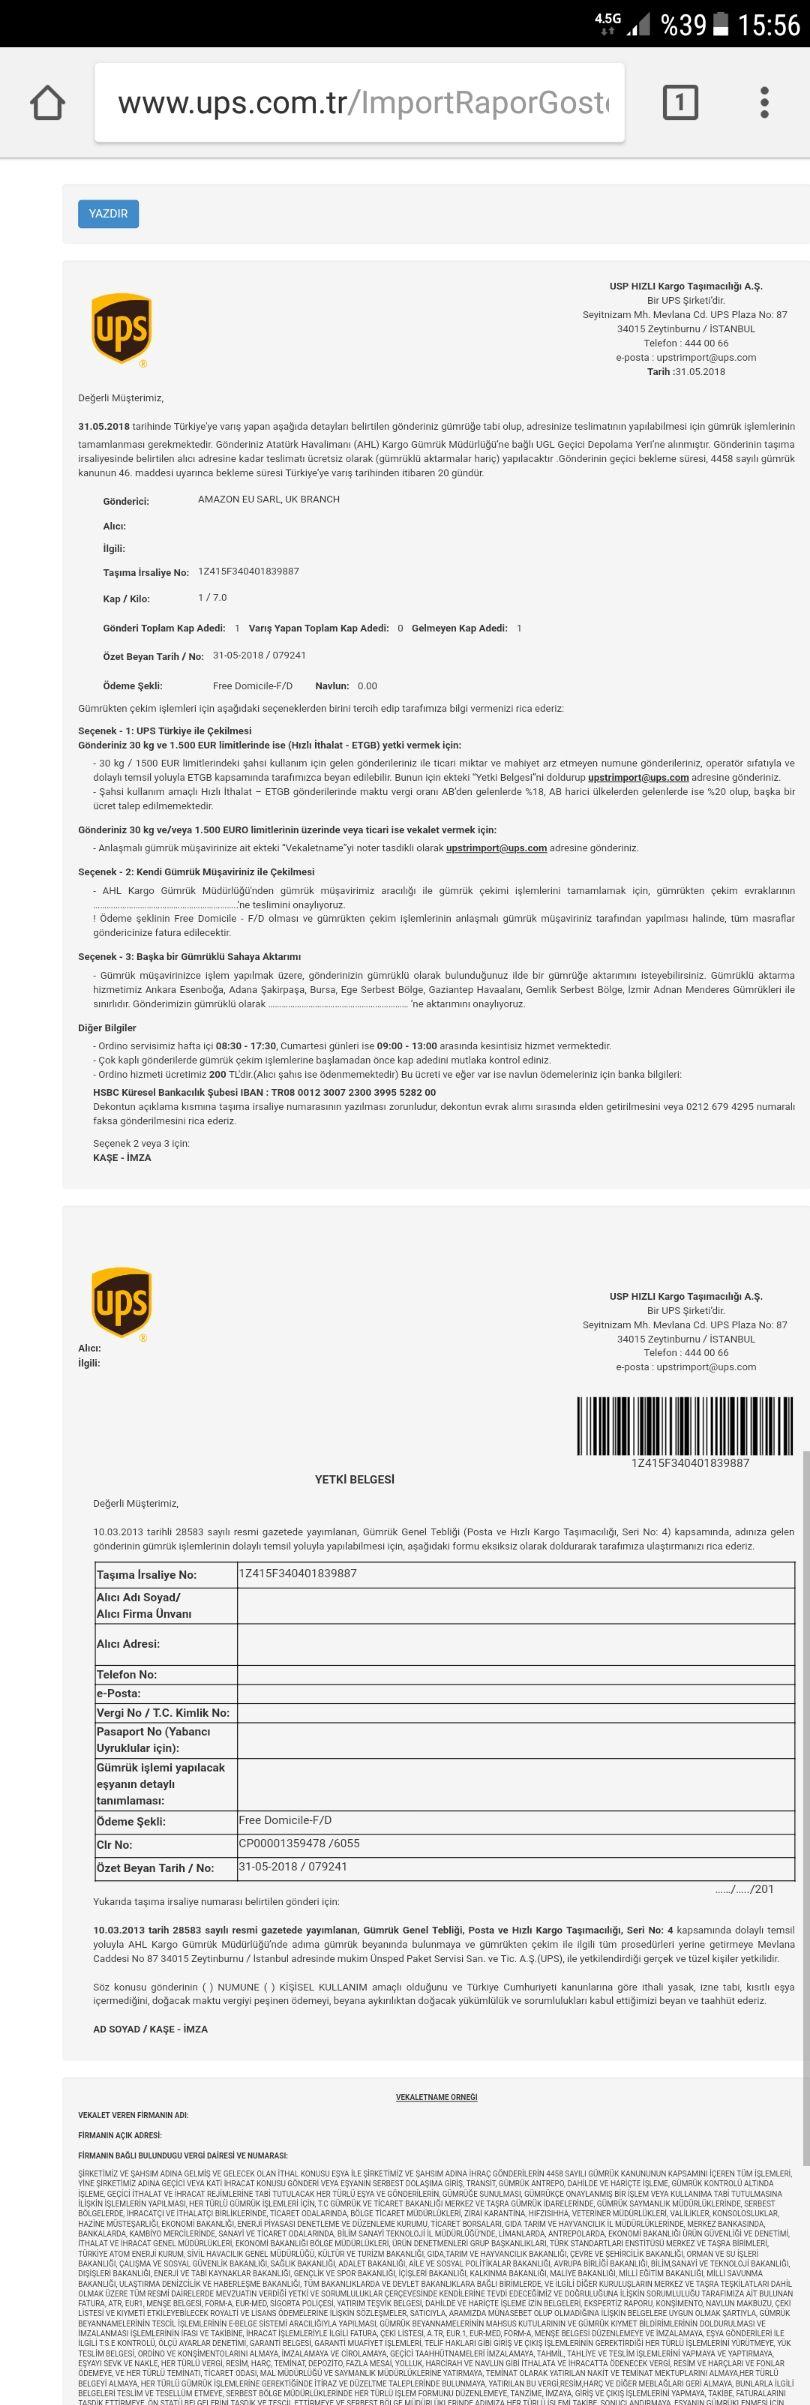 UPS Kargo Çalışma Saatleri 2018